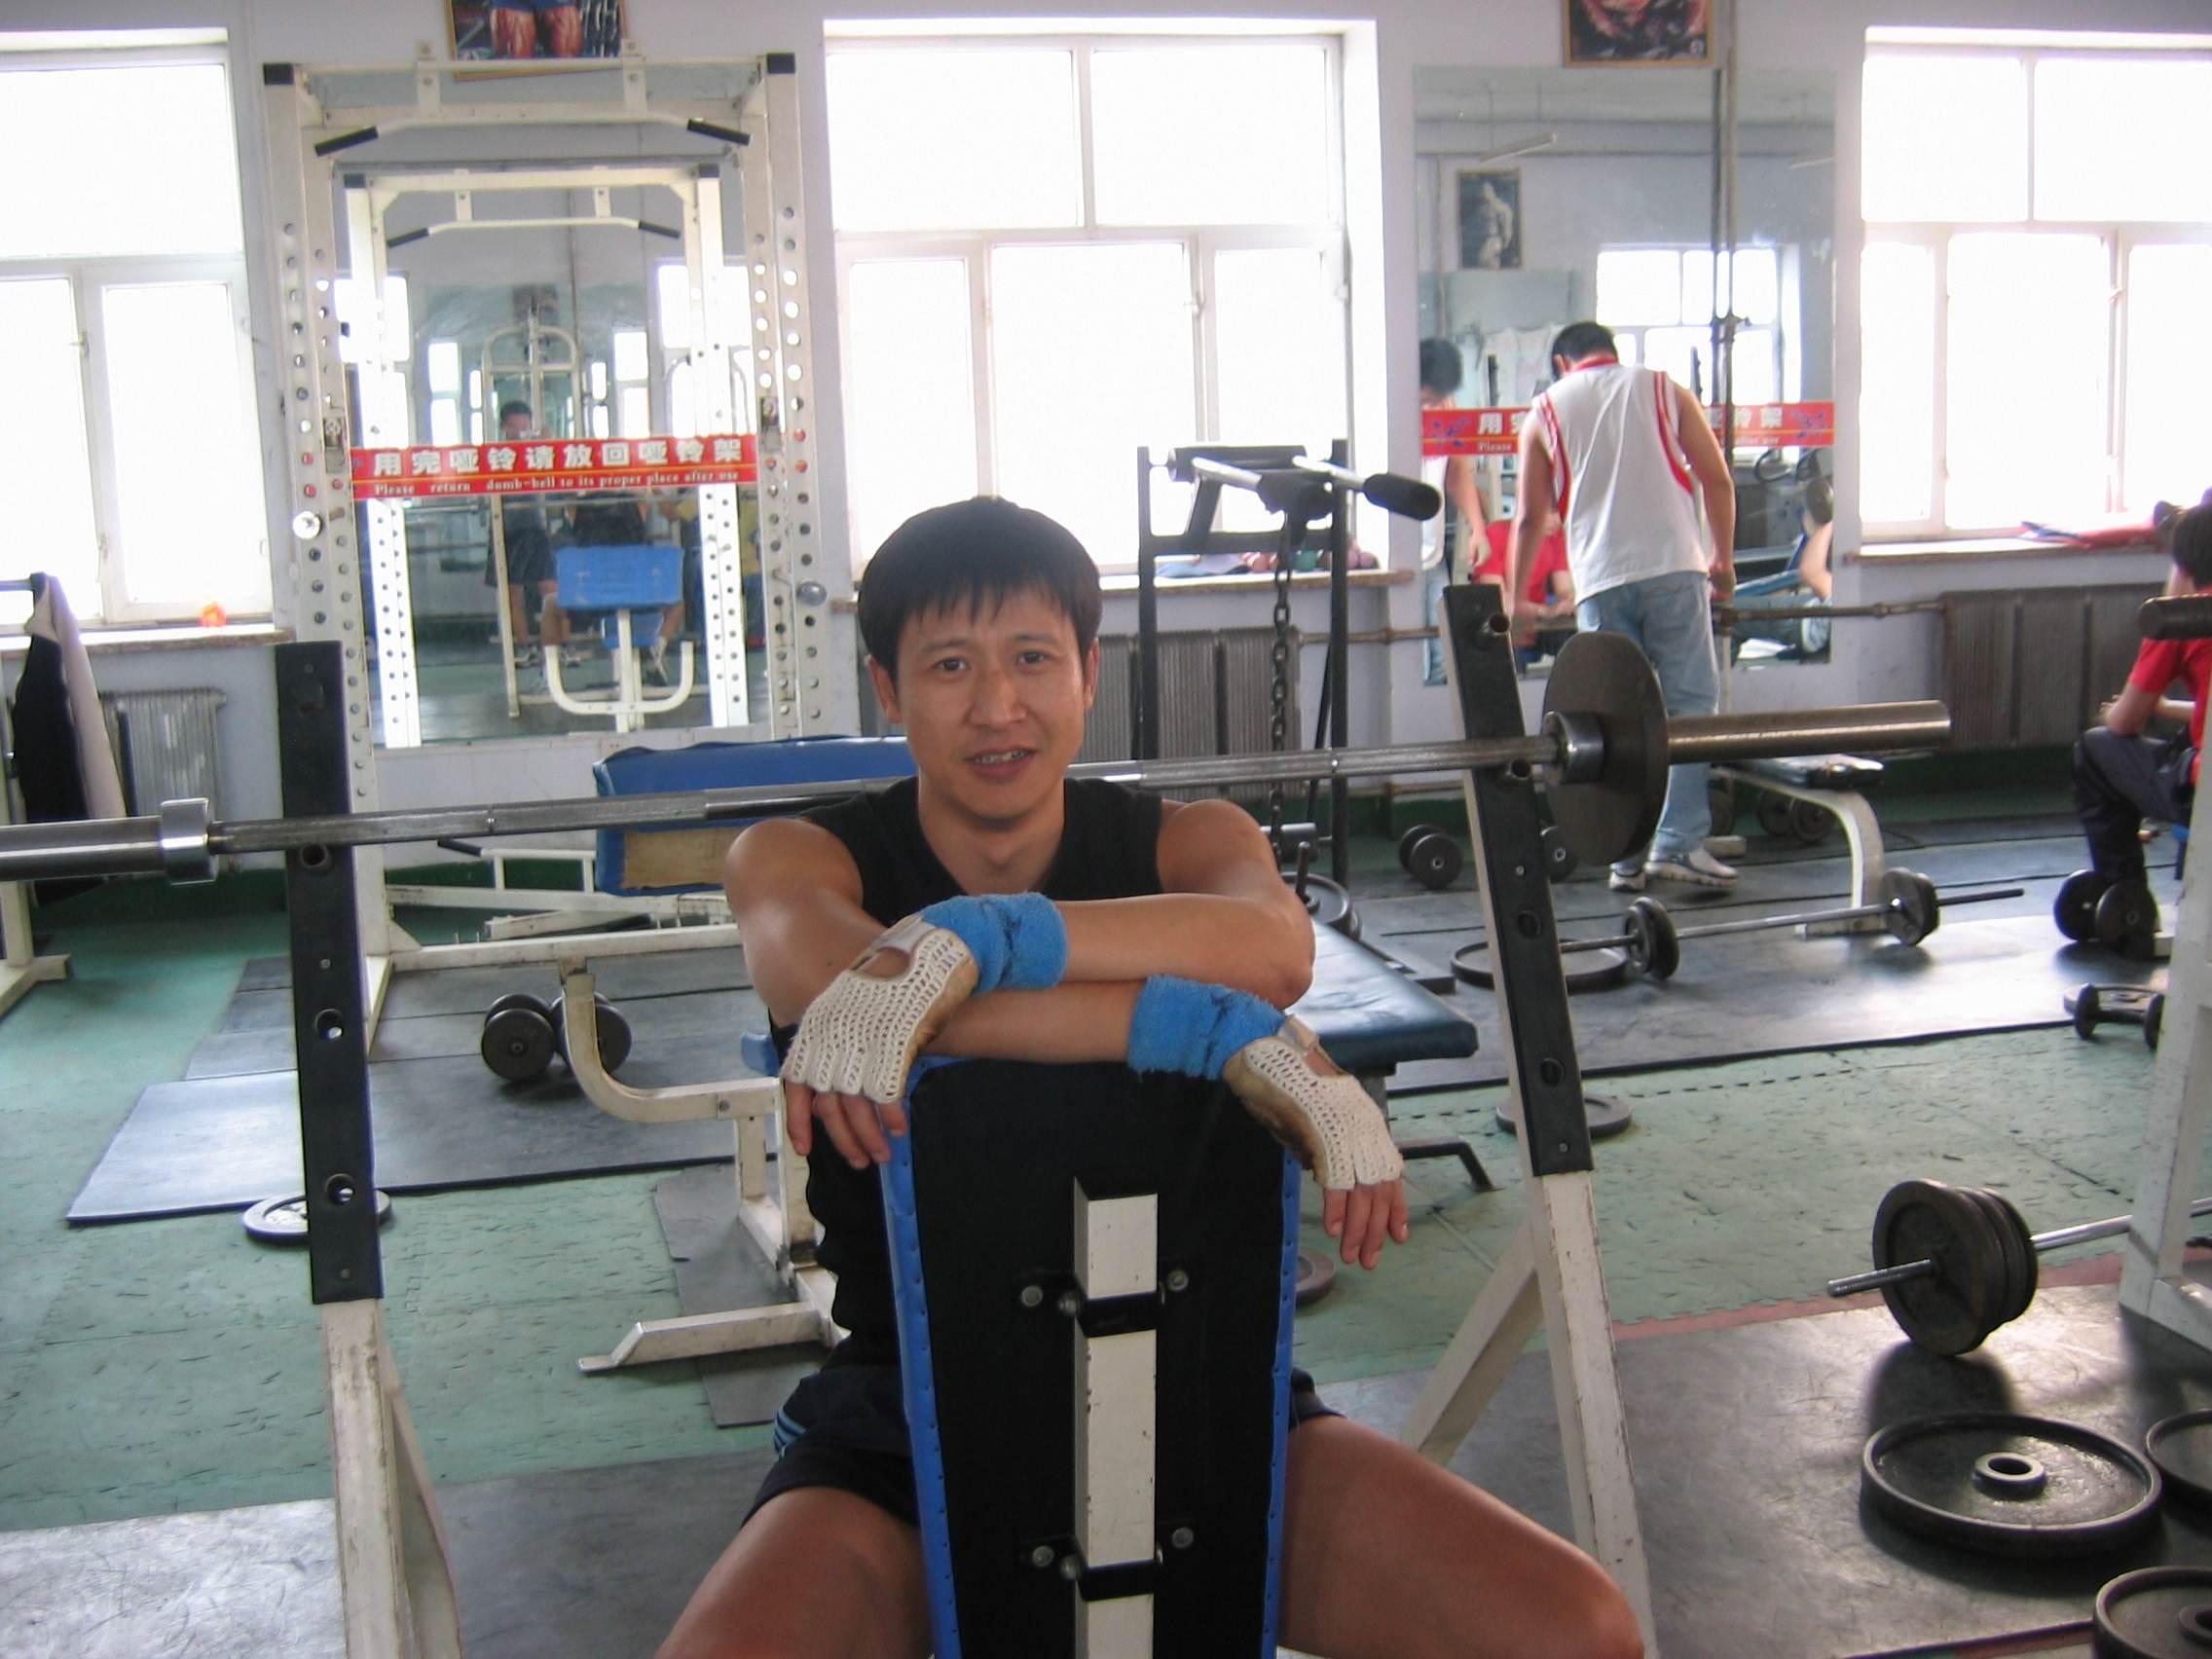 健身房 - 张国强 - 张国强 的博客